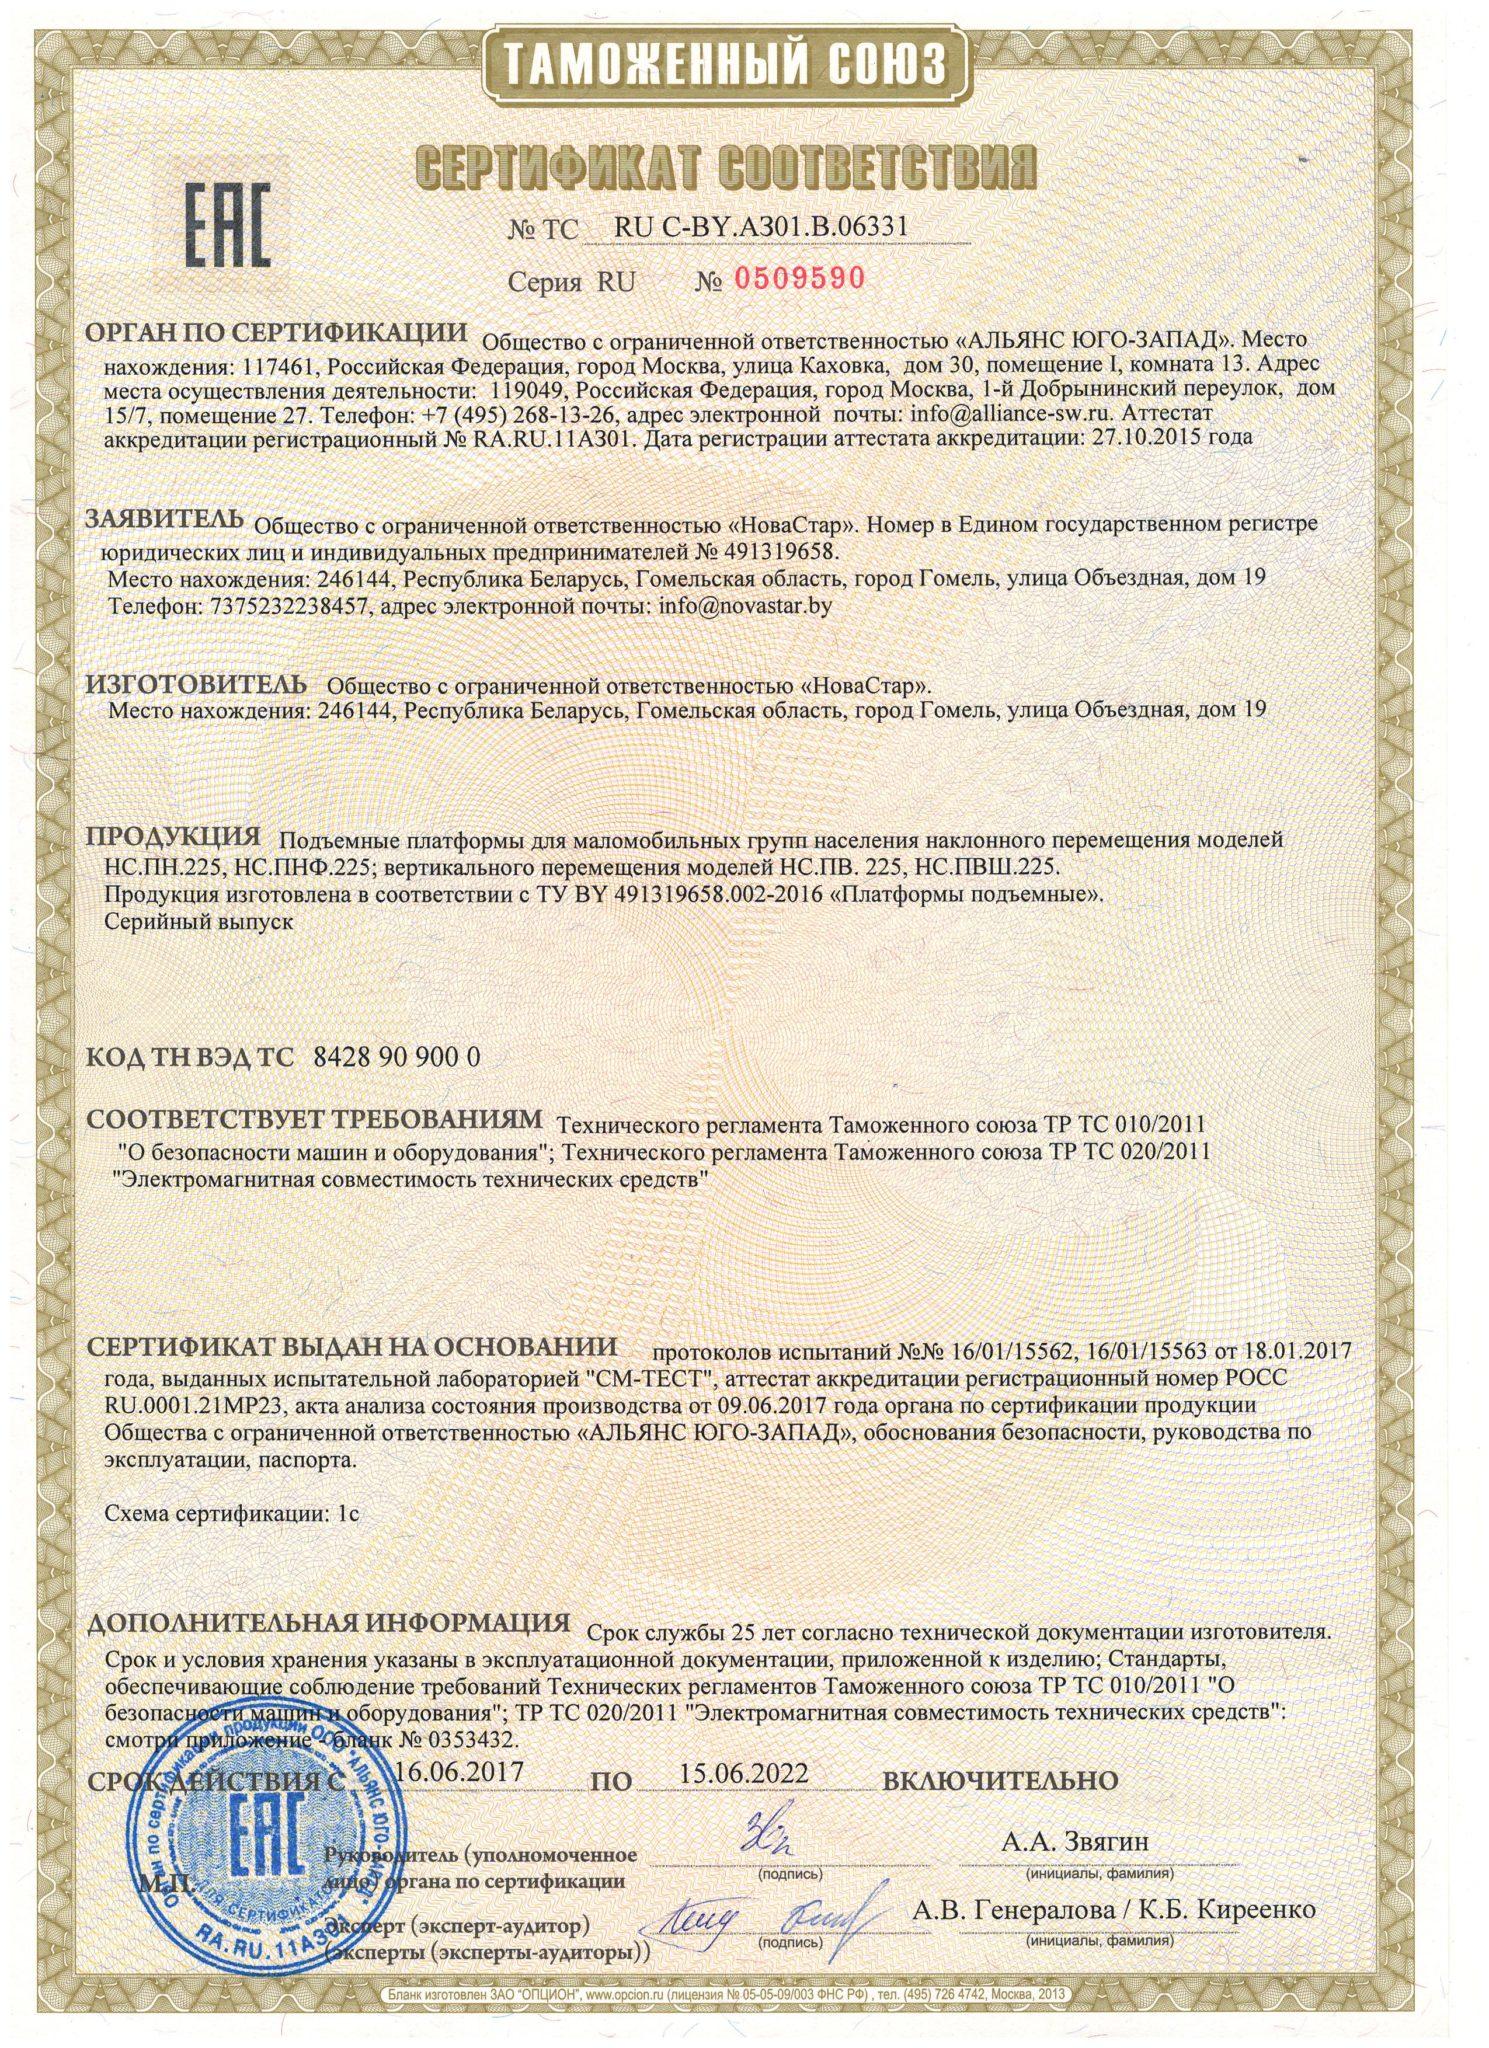 Грузовые подъемники сертификация сертификация в украине с зарубежными странами